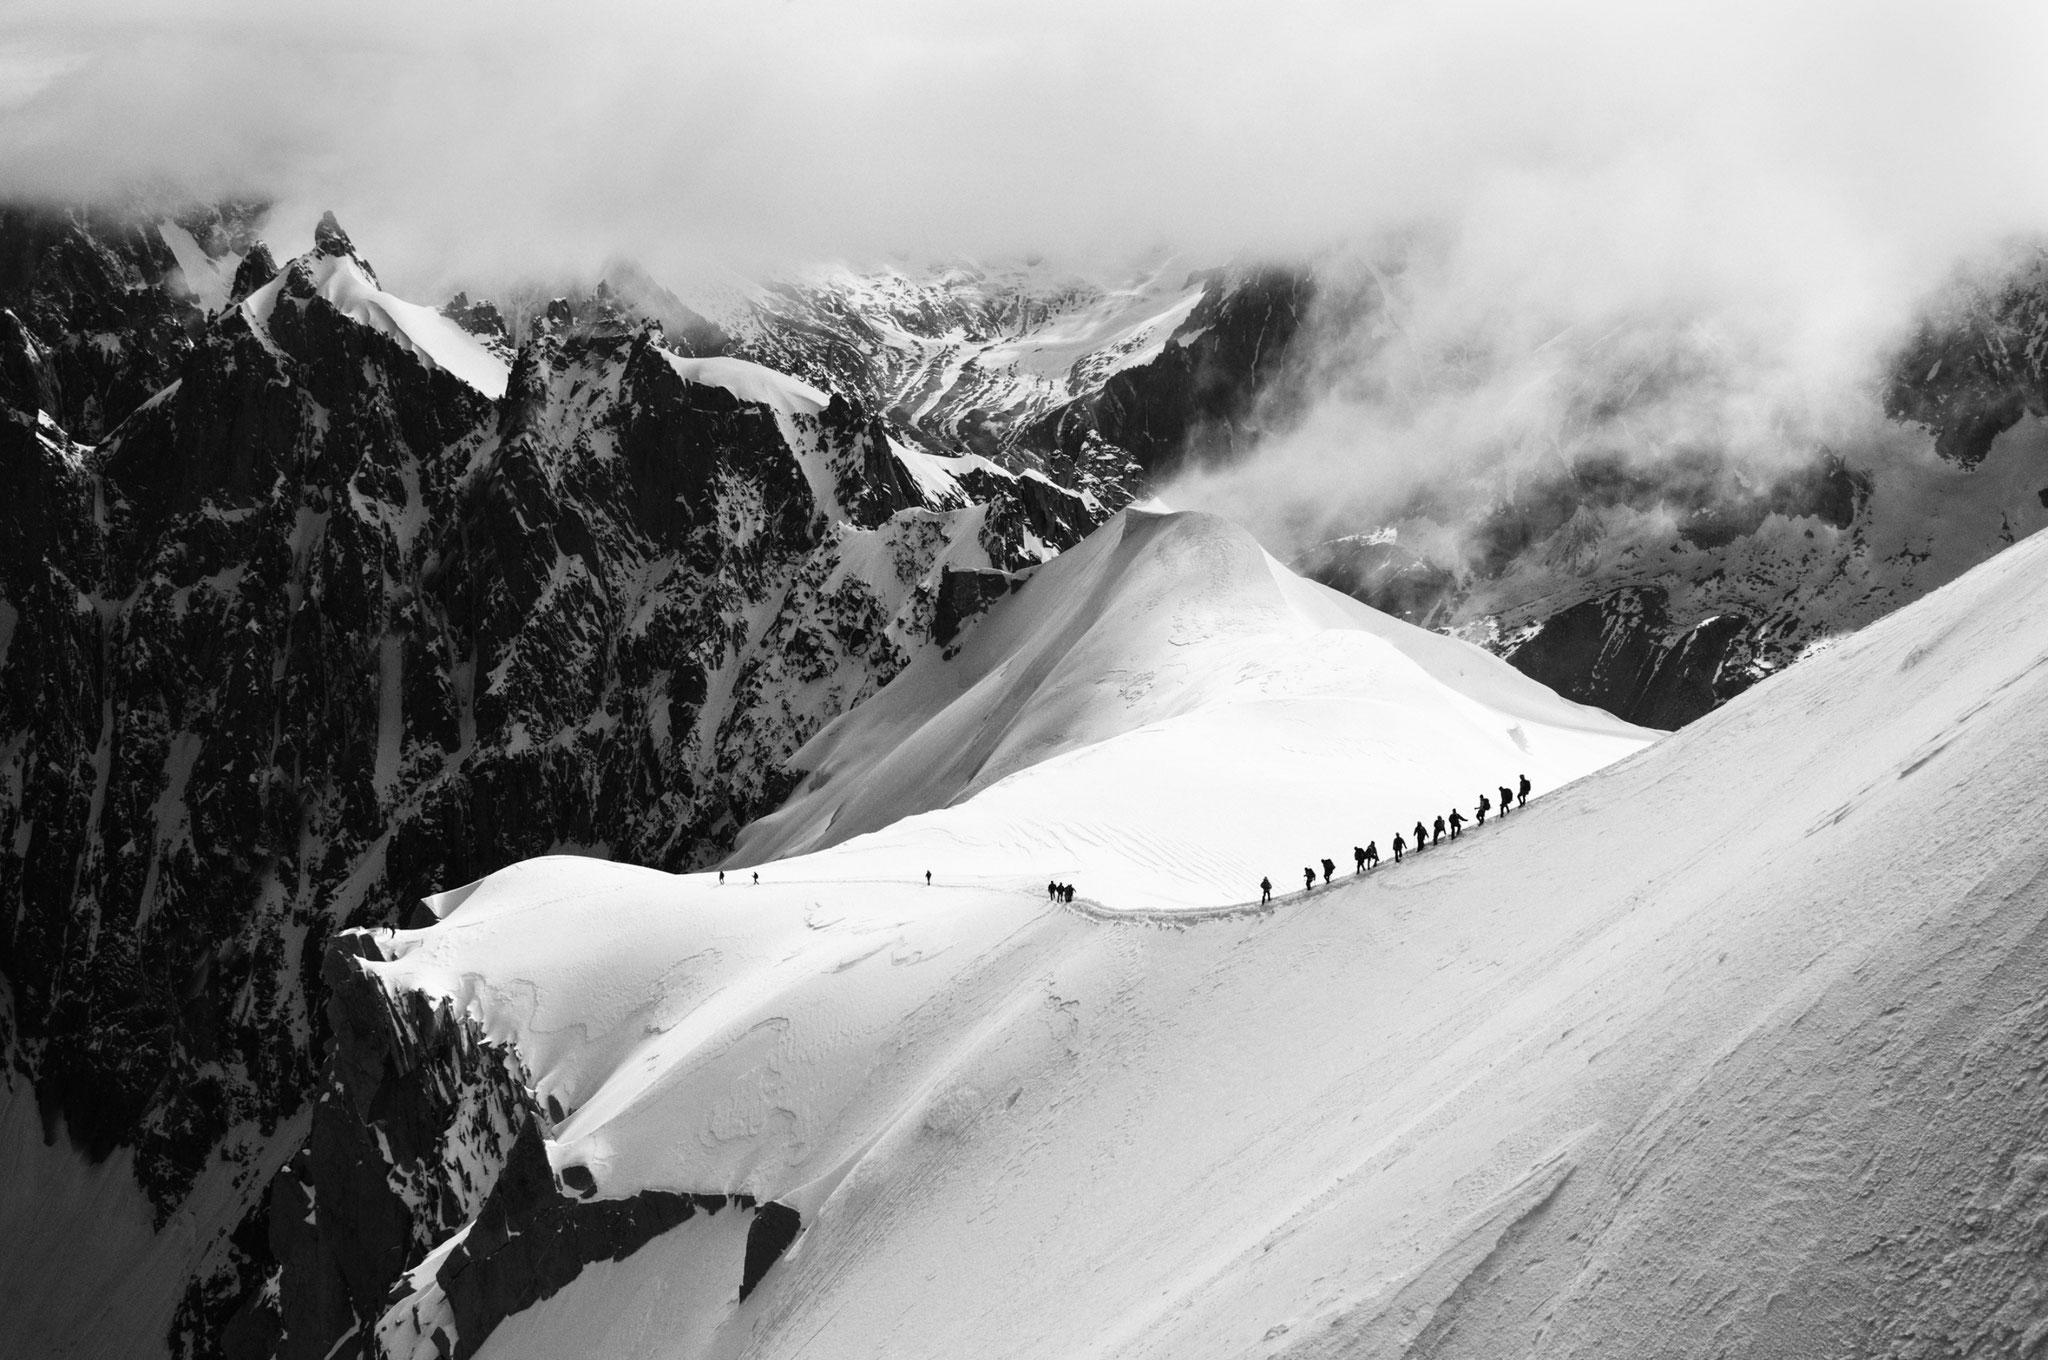 Zelko Csilla (Hungary) - Big mountain-small-people